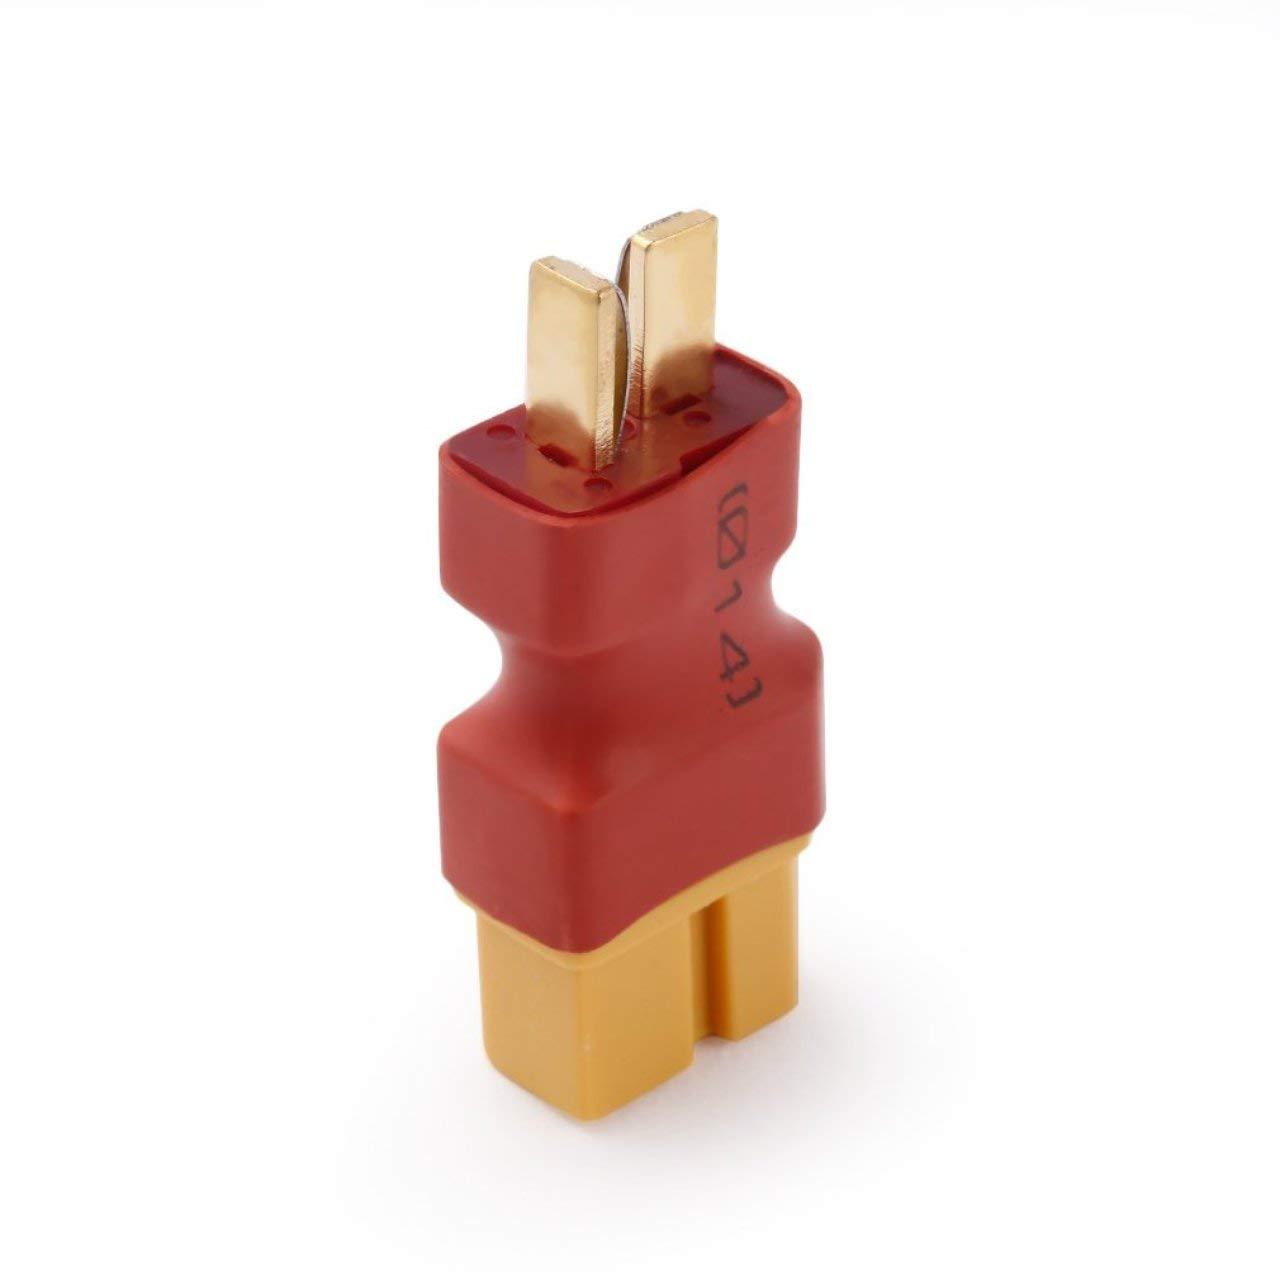 Jasnyfall Zuverlässige ABS RC Batterie Konverter T Stecker Male + TX60 Weiblich für Elektrische Spielzeug Fernbedienung Flugzeug